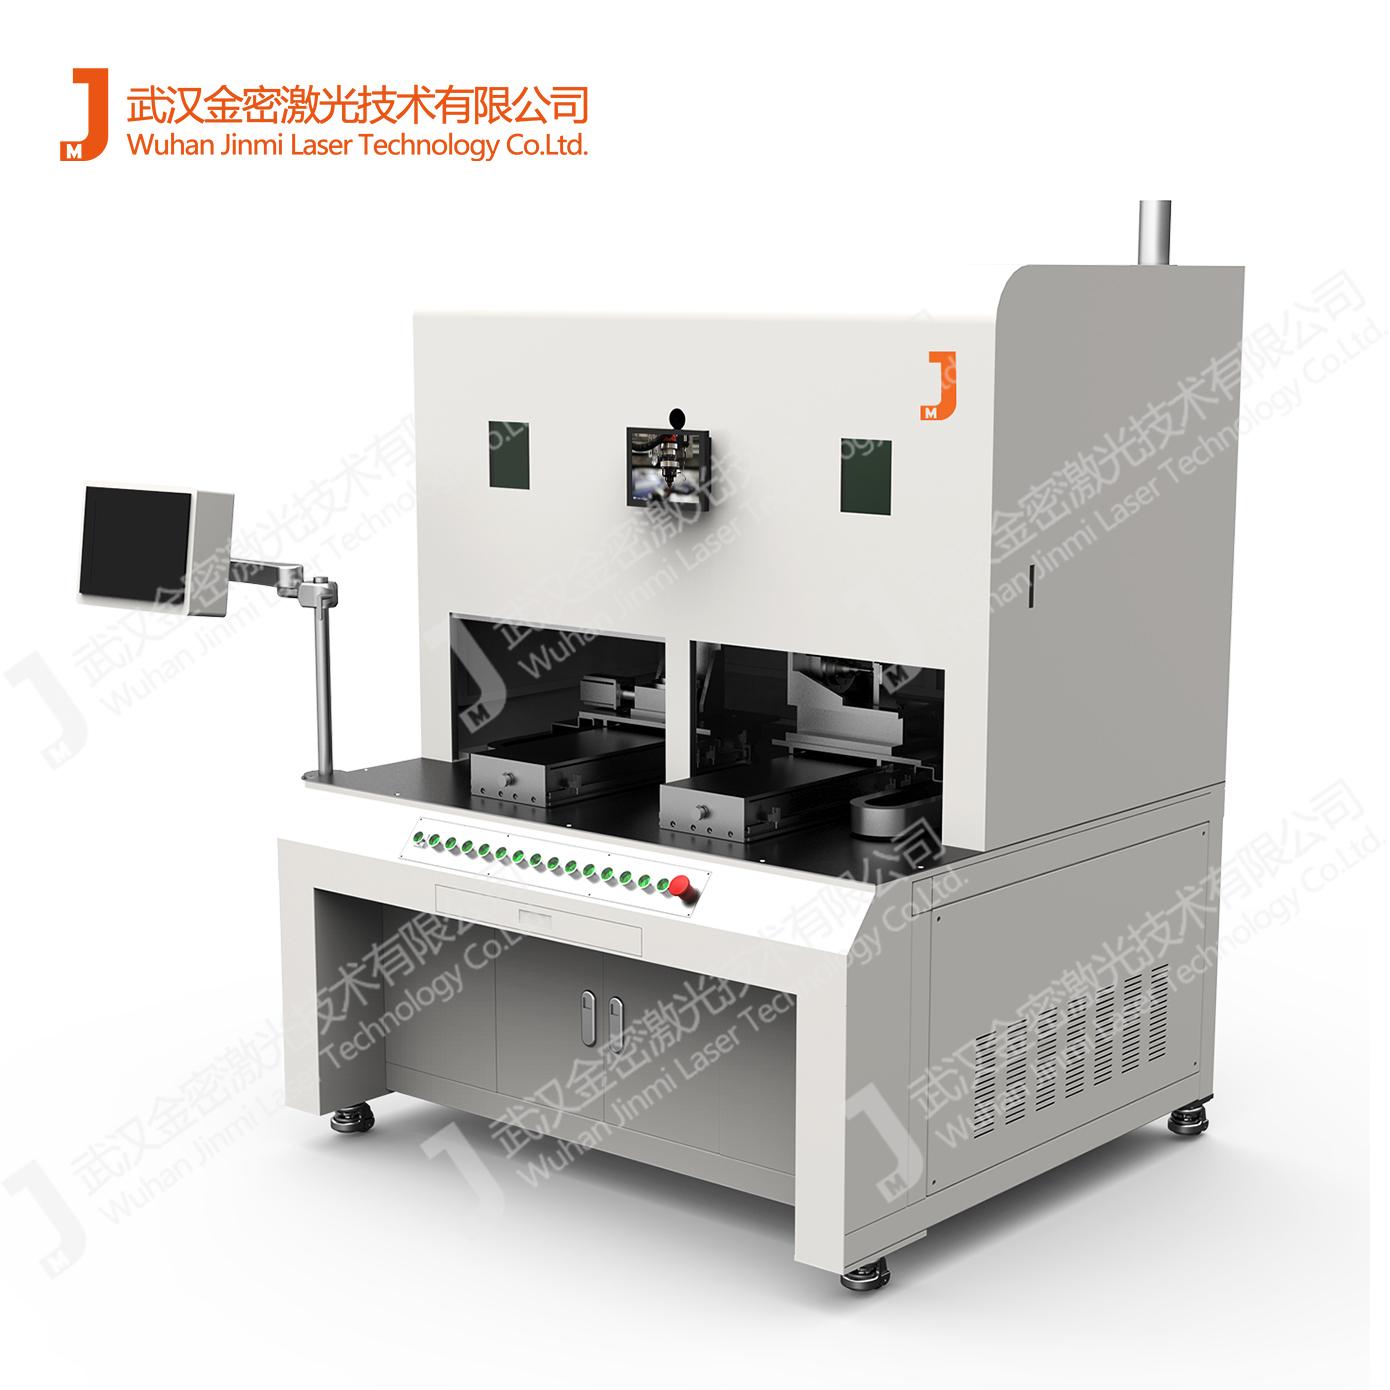 双工位激光焊接机